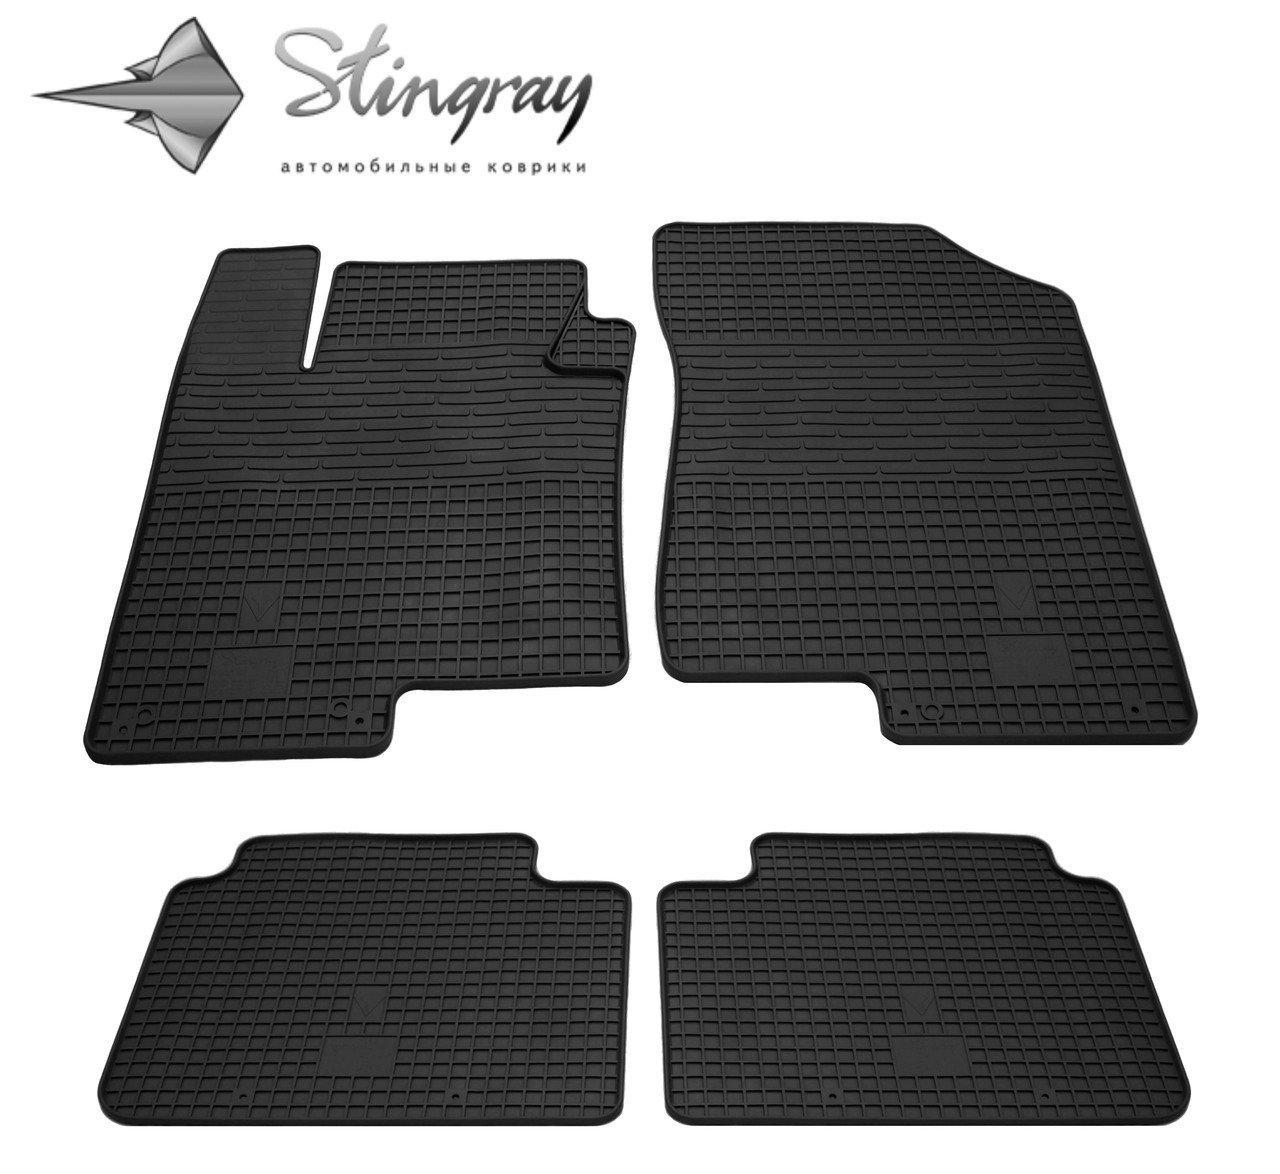 Автомобильные коврики Kia Magentis 2006-2012 Stingray